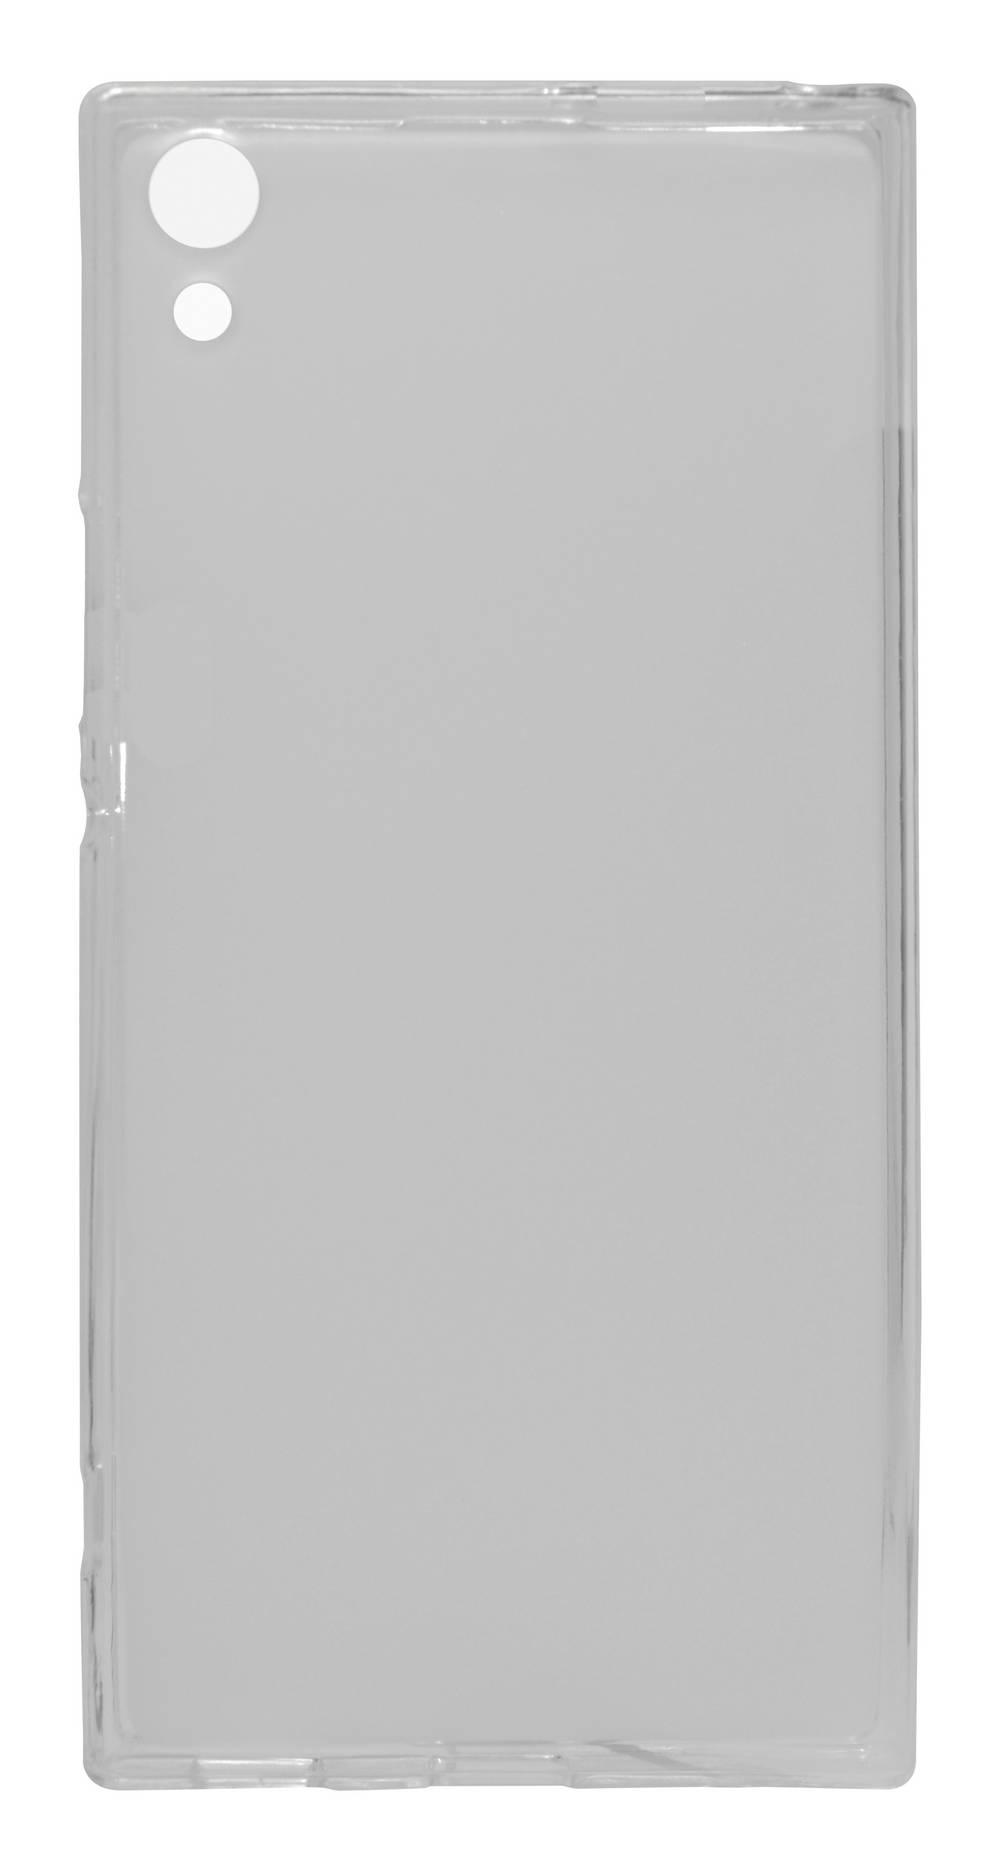 Θήκη TPU Ancus για Sony Xperia XA1 Ultra / XA1 Ultra Dual Frost - Διάφανη